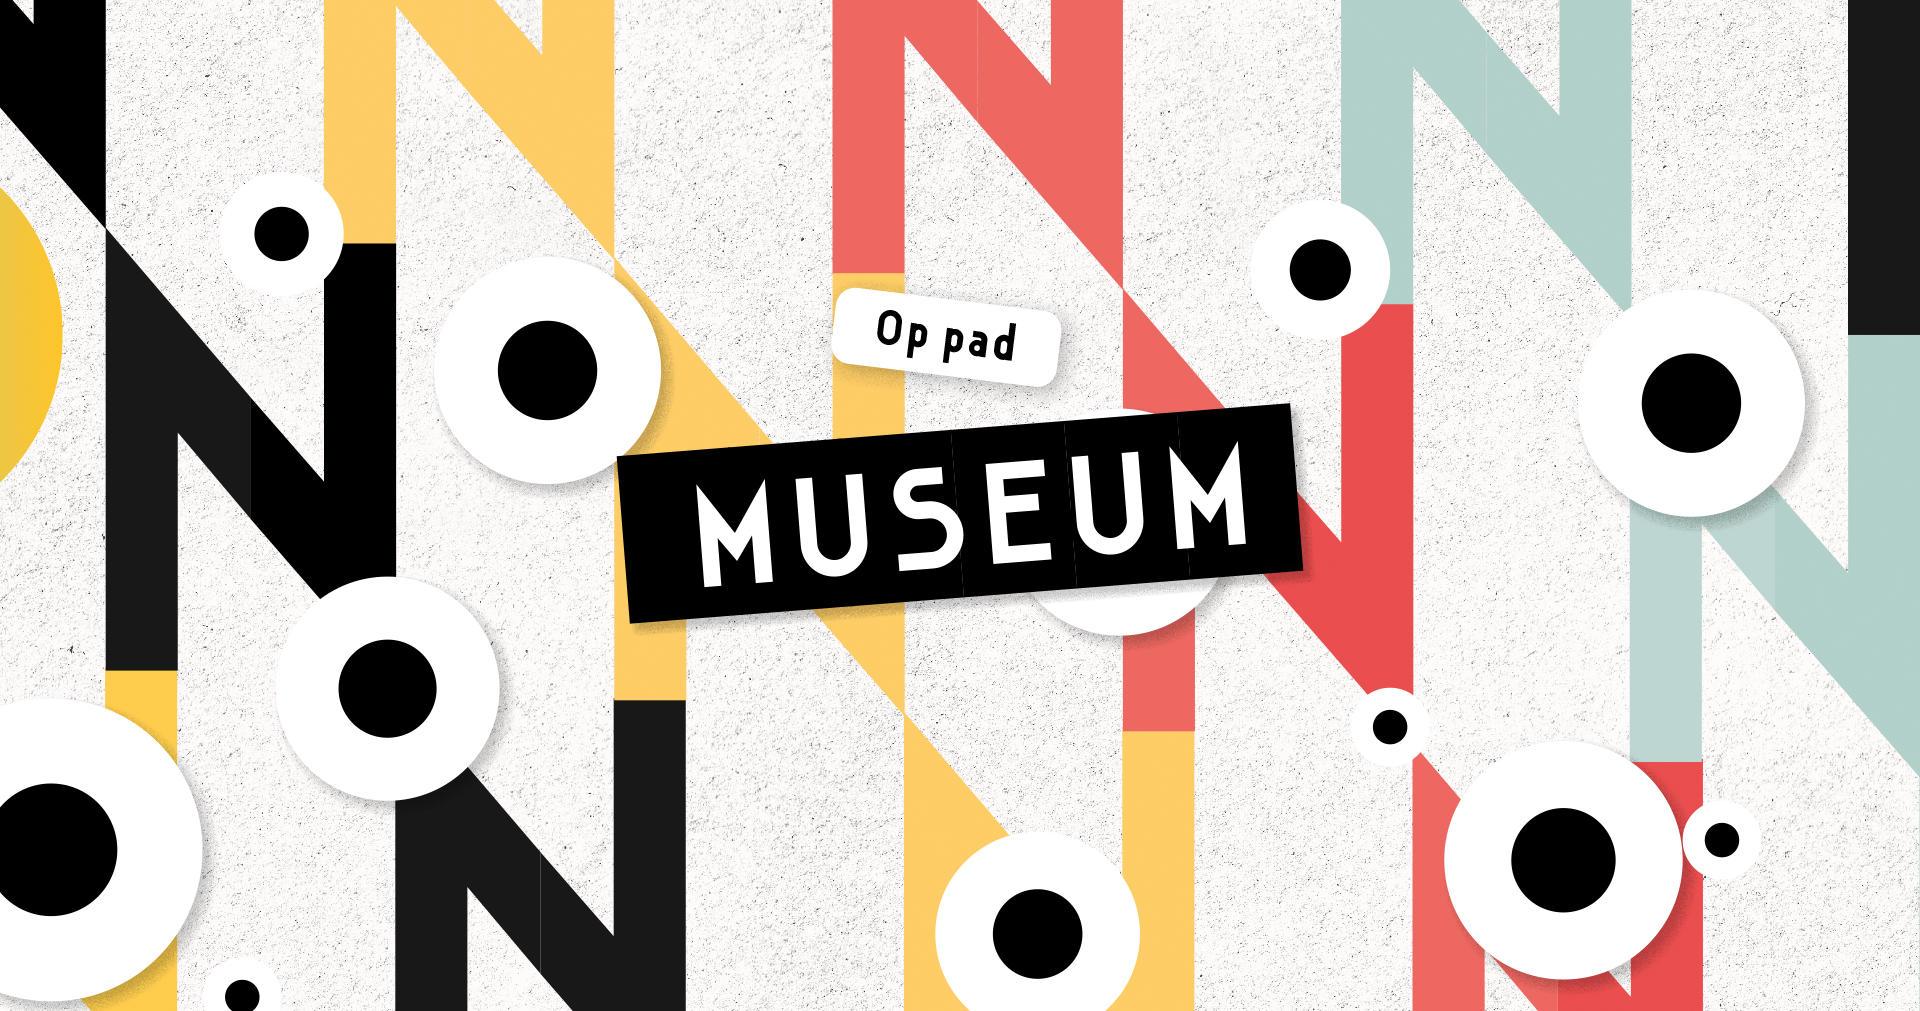 Op pad - Naar het museum